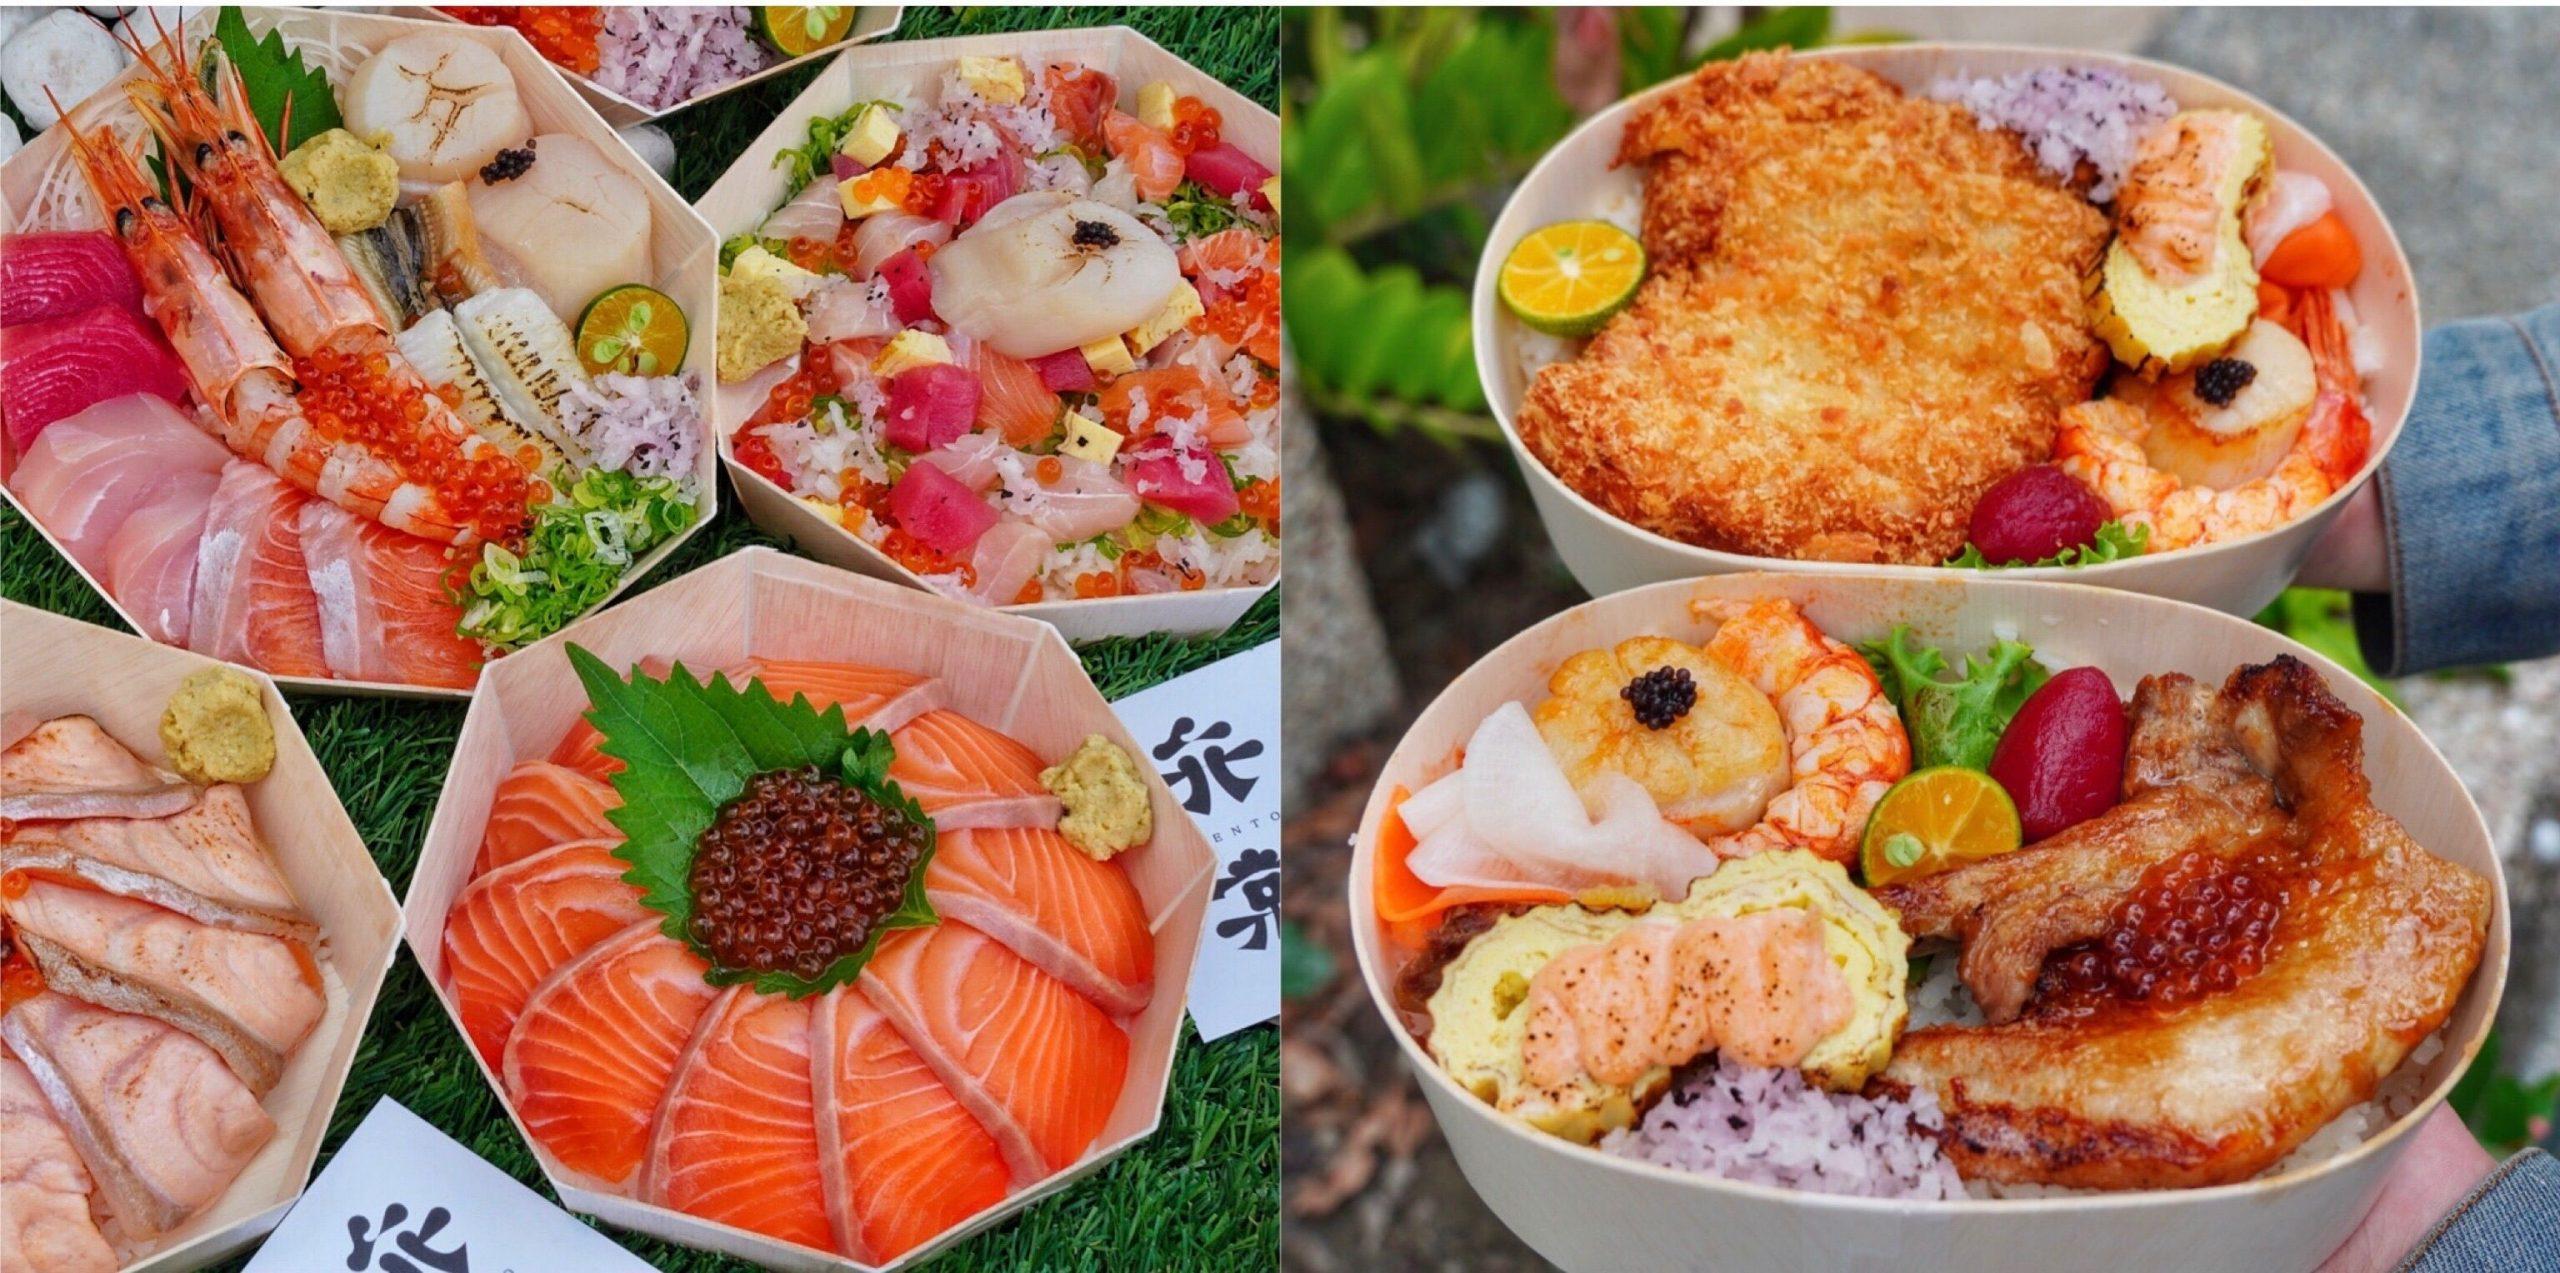 【善心美食】台南超美日式便當「 弁棠BENTO」炙燒鮭魚丼/海陸便當 南科美食外帶推薦|台南美食